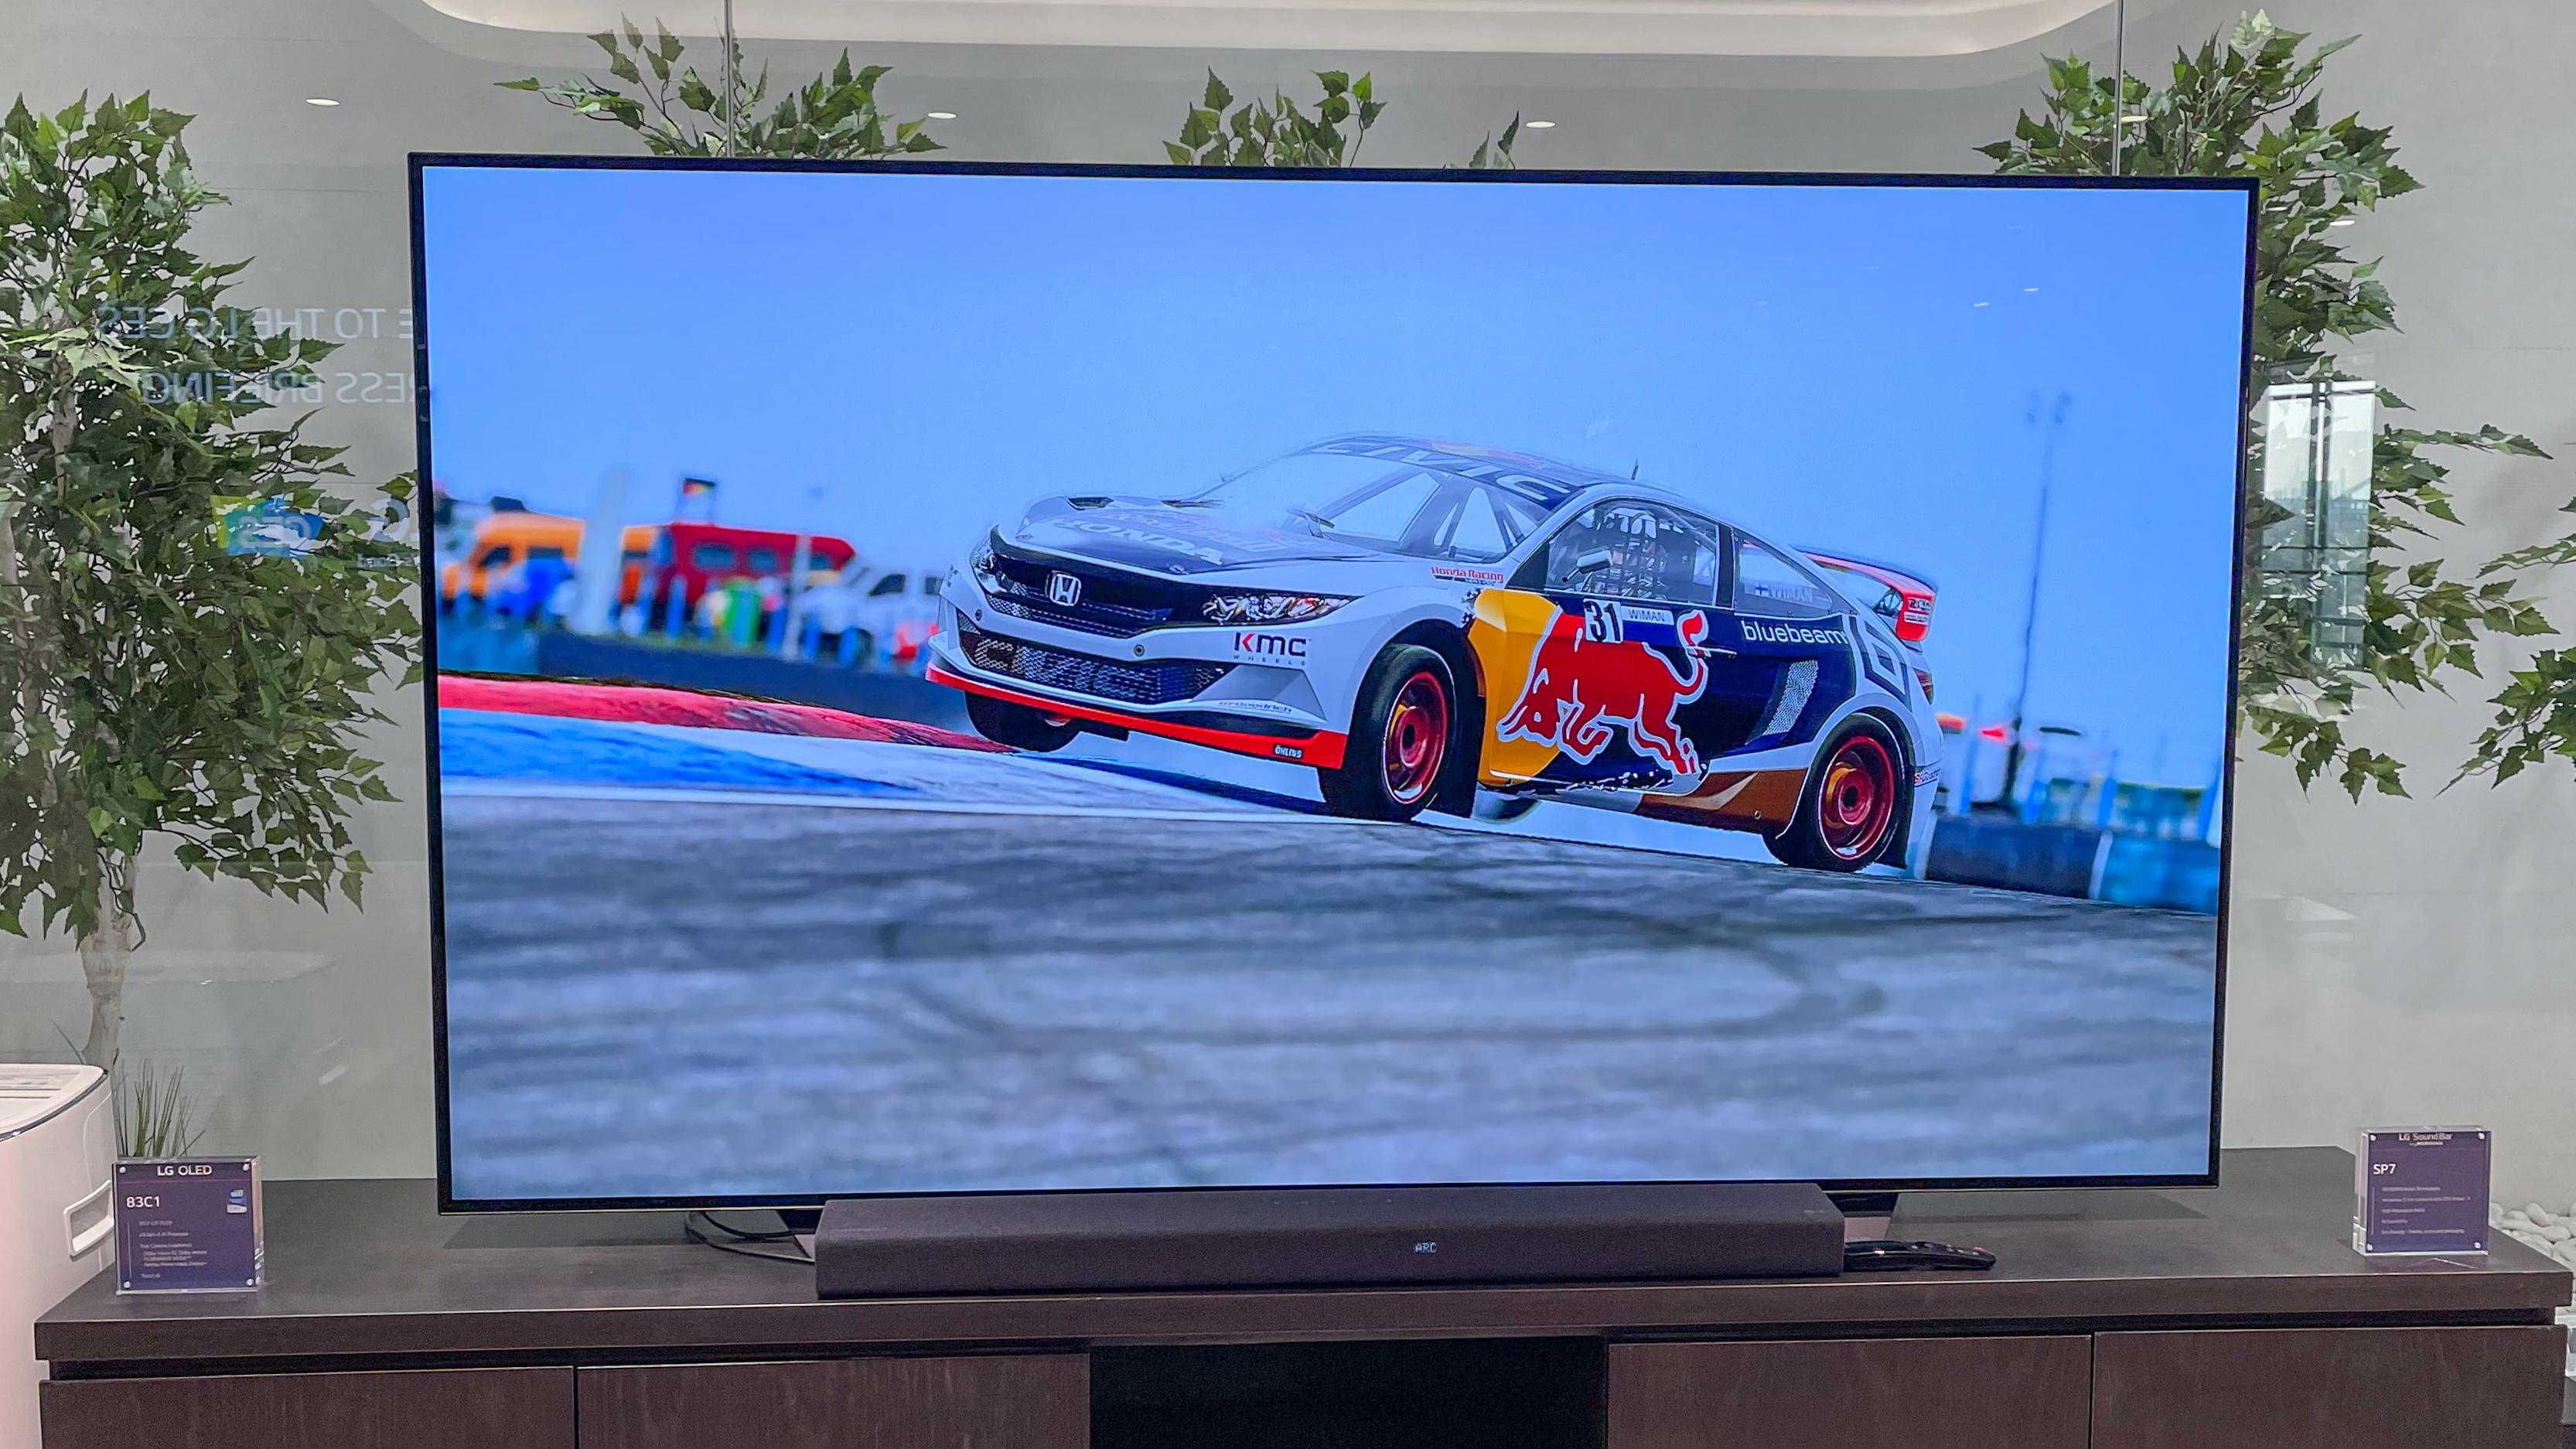 LG C1 OLED TV